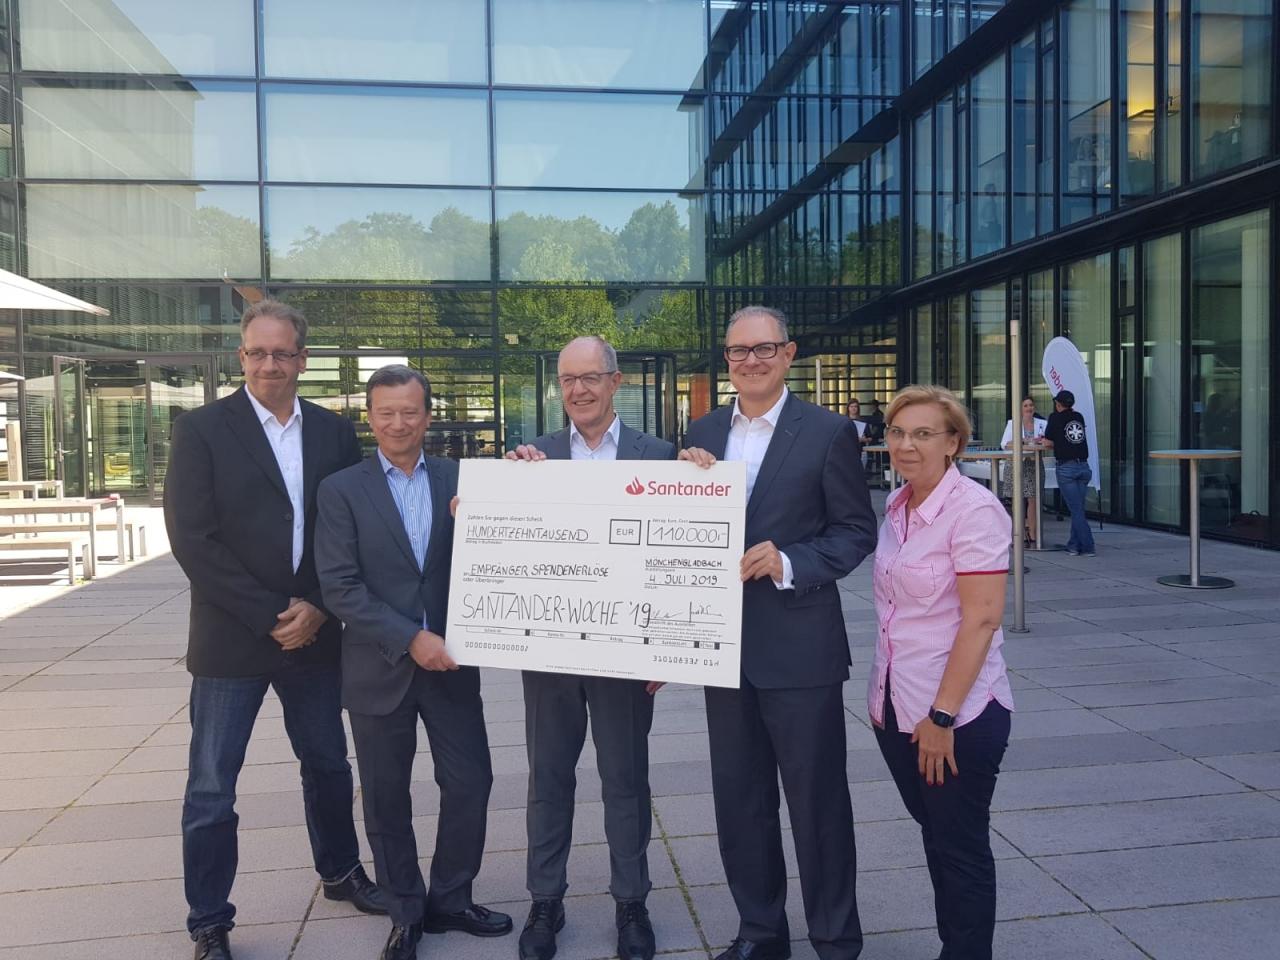 Glückliche Gesichter bei Santander – Bank spendet 110 000 Euro an wohltätige Organisationen